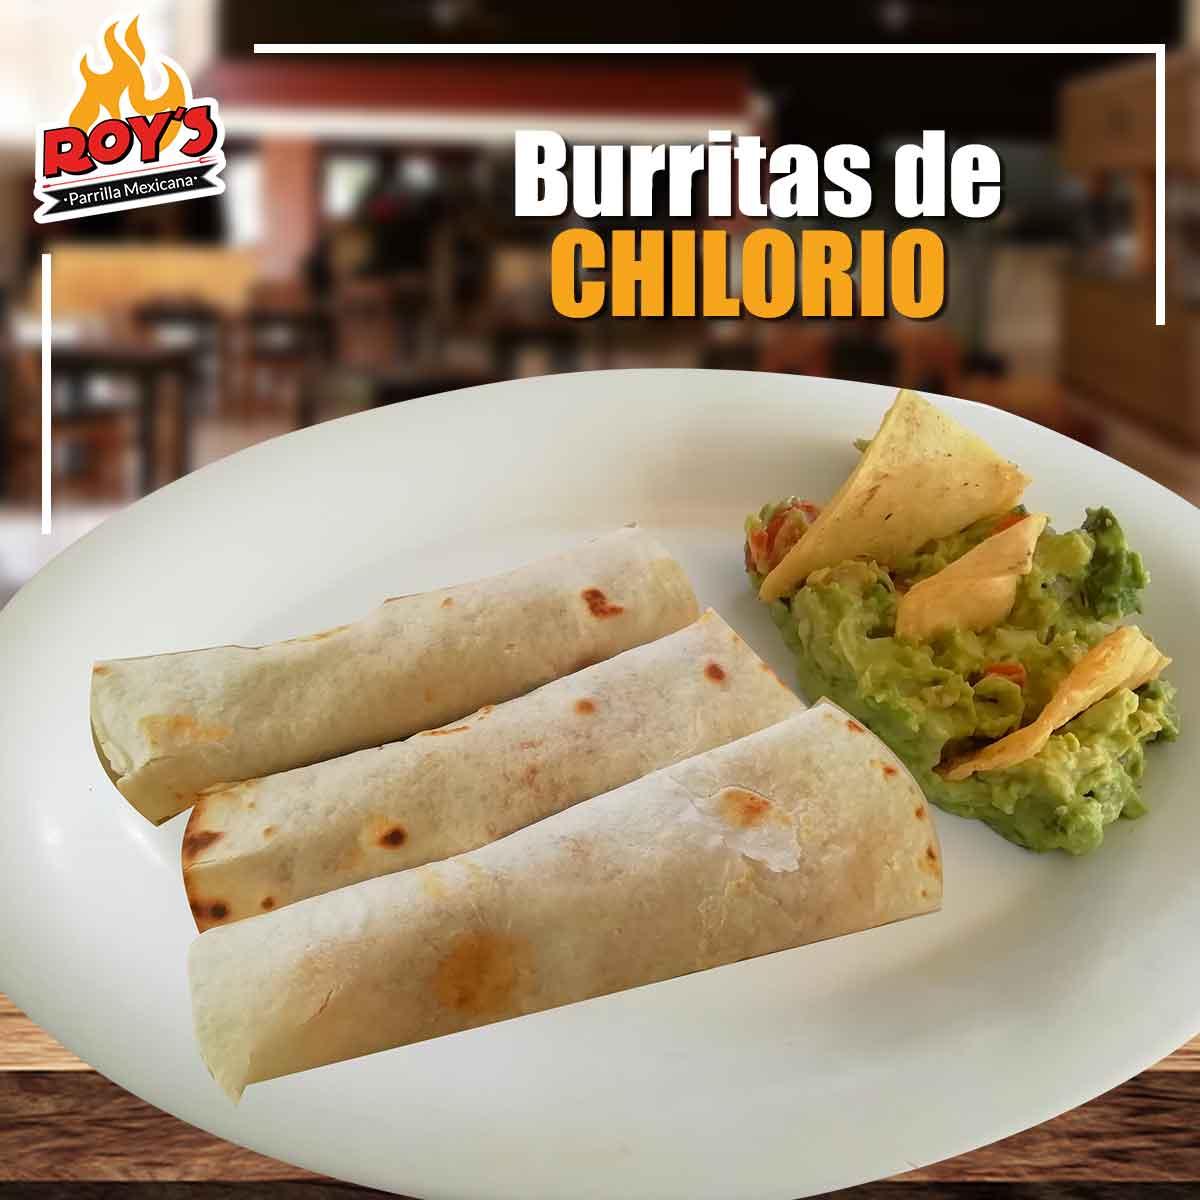 Burritas de Chilorio